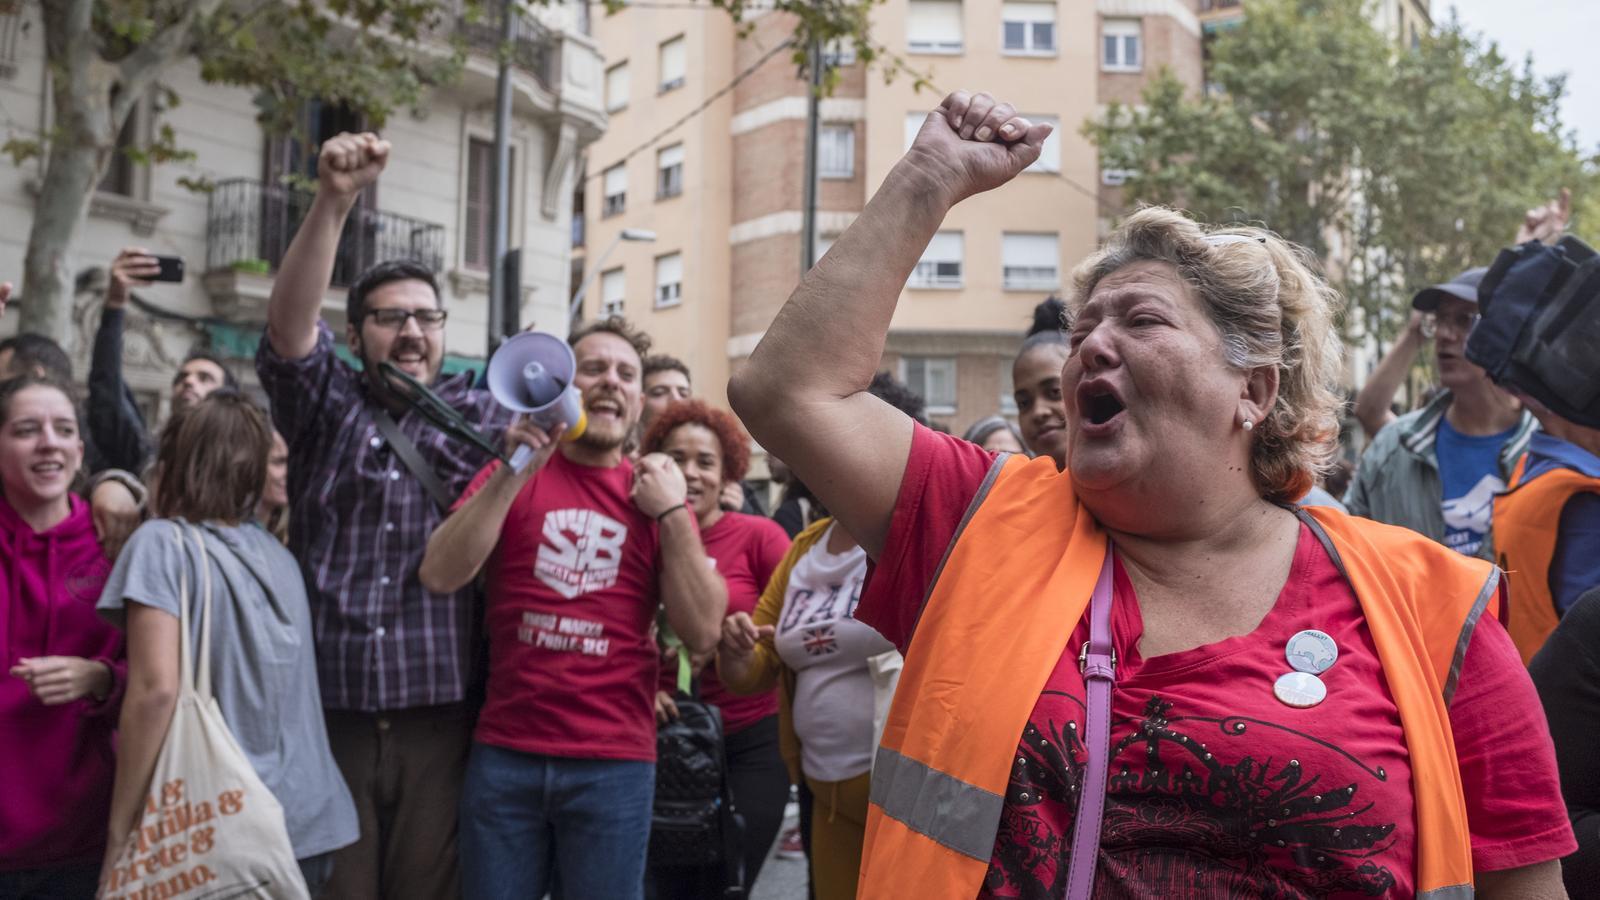 El nou decret d'habitatge atura el primer desnonament d'un bloc sencer ocupat al Poble Sec